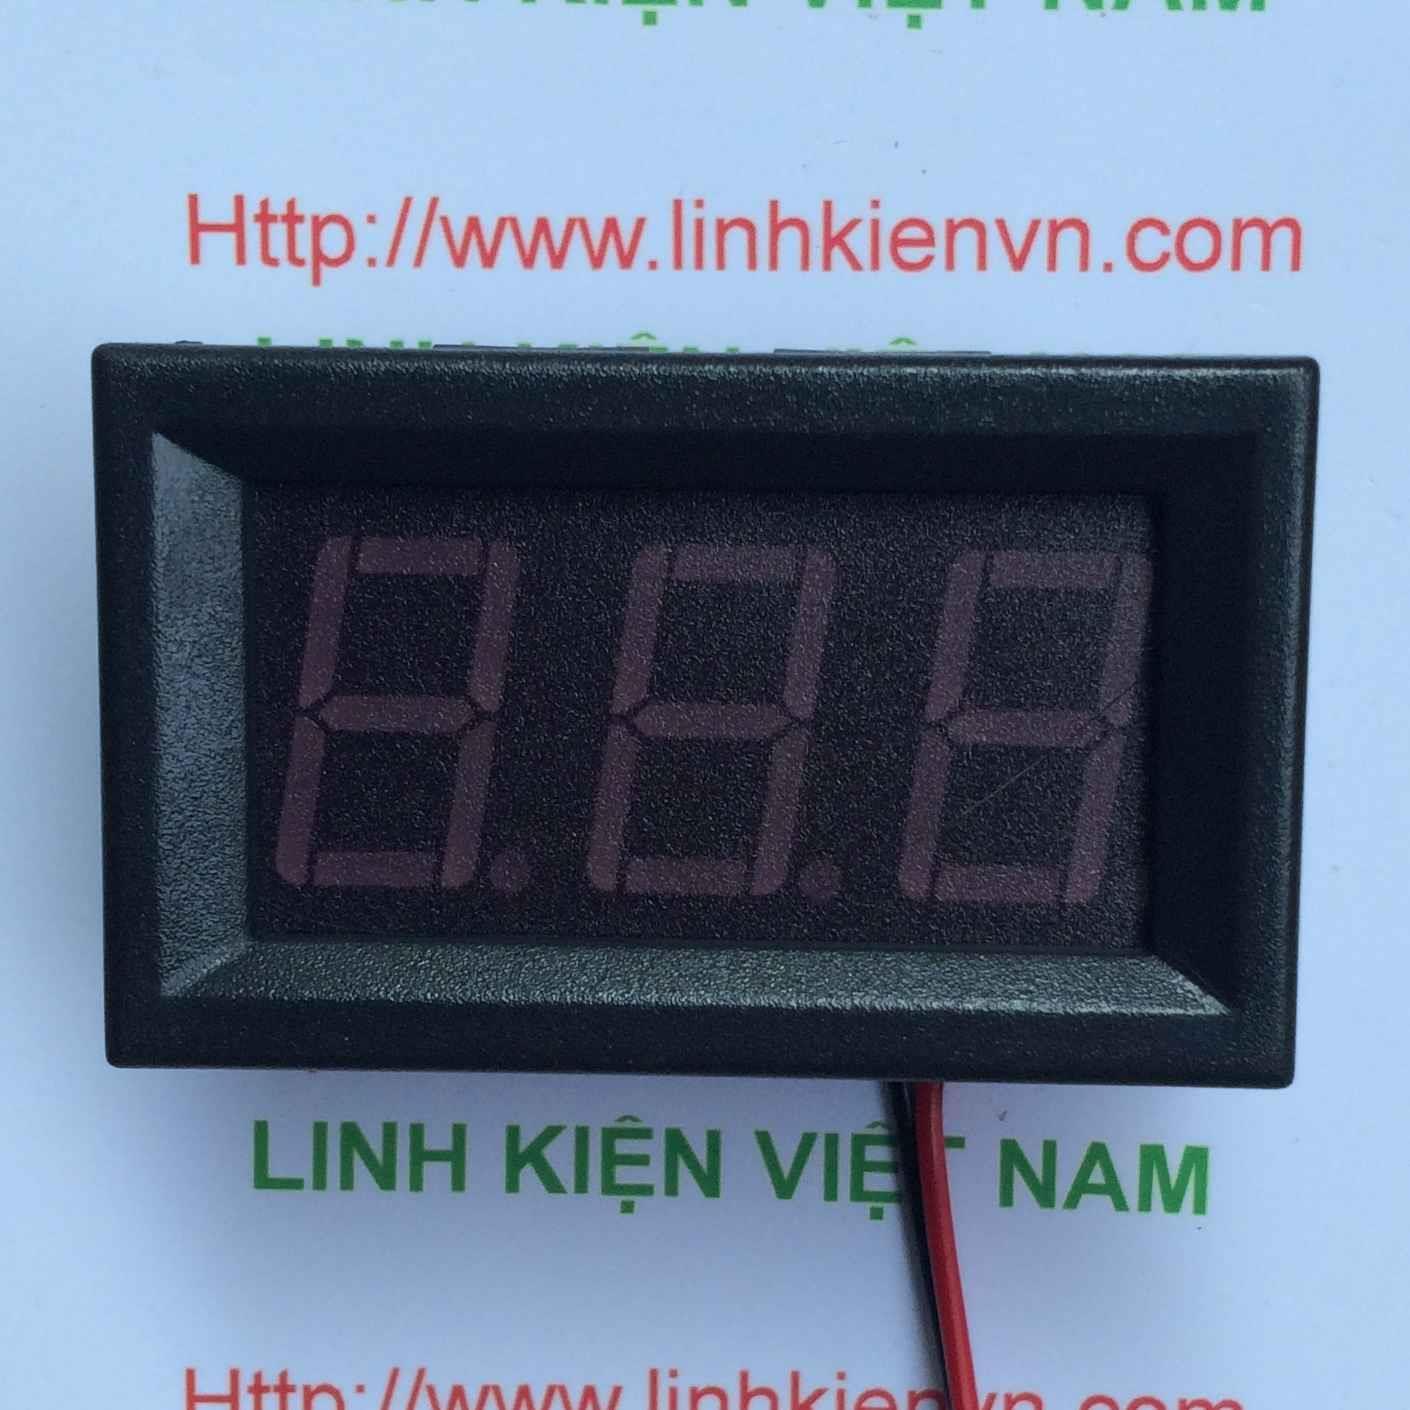 Module Đo Hiển Thị Điện Áp 0-100V DNS-DVM-568HV / Module Đo Hiển Thị Điện Áp bằng 2 dây - G1H18